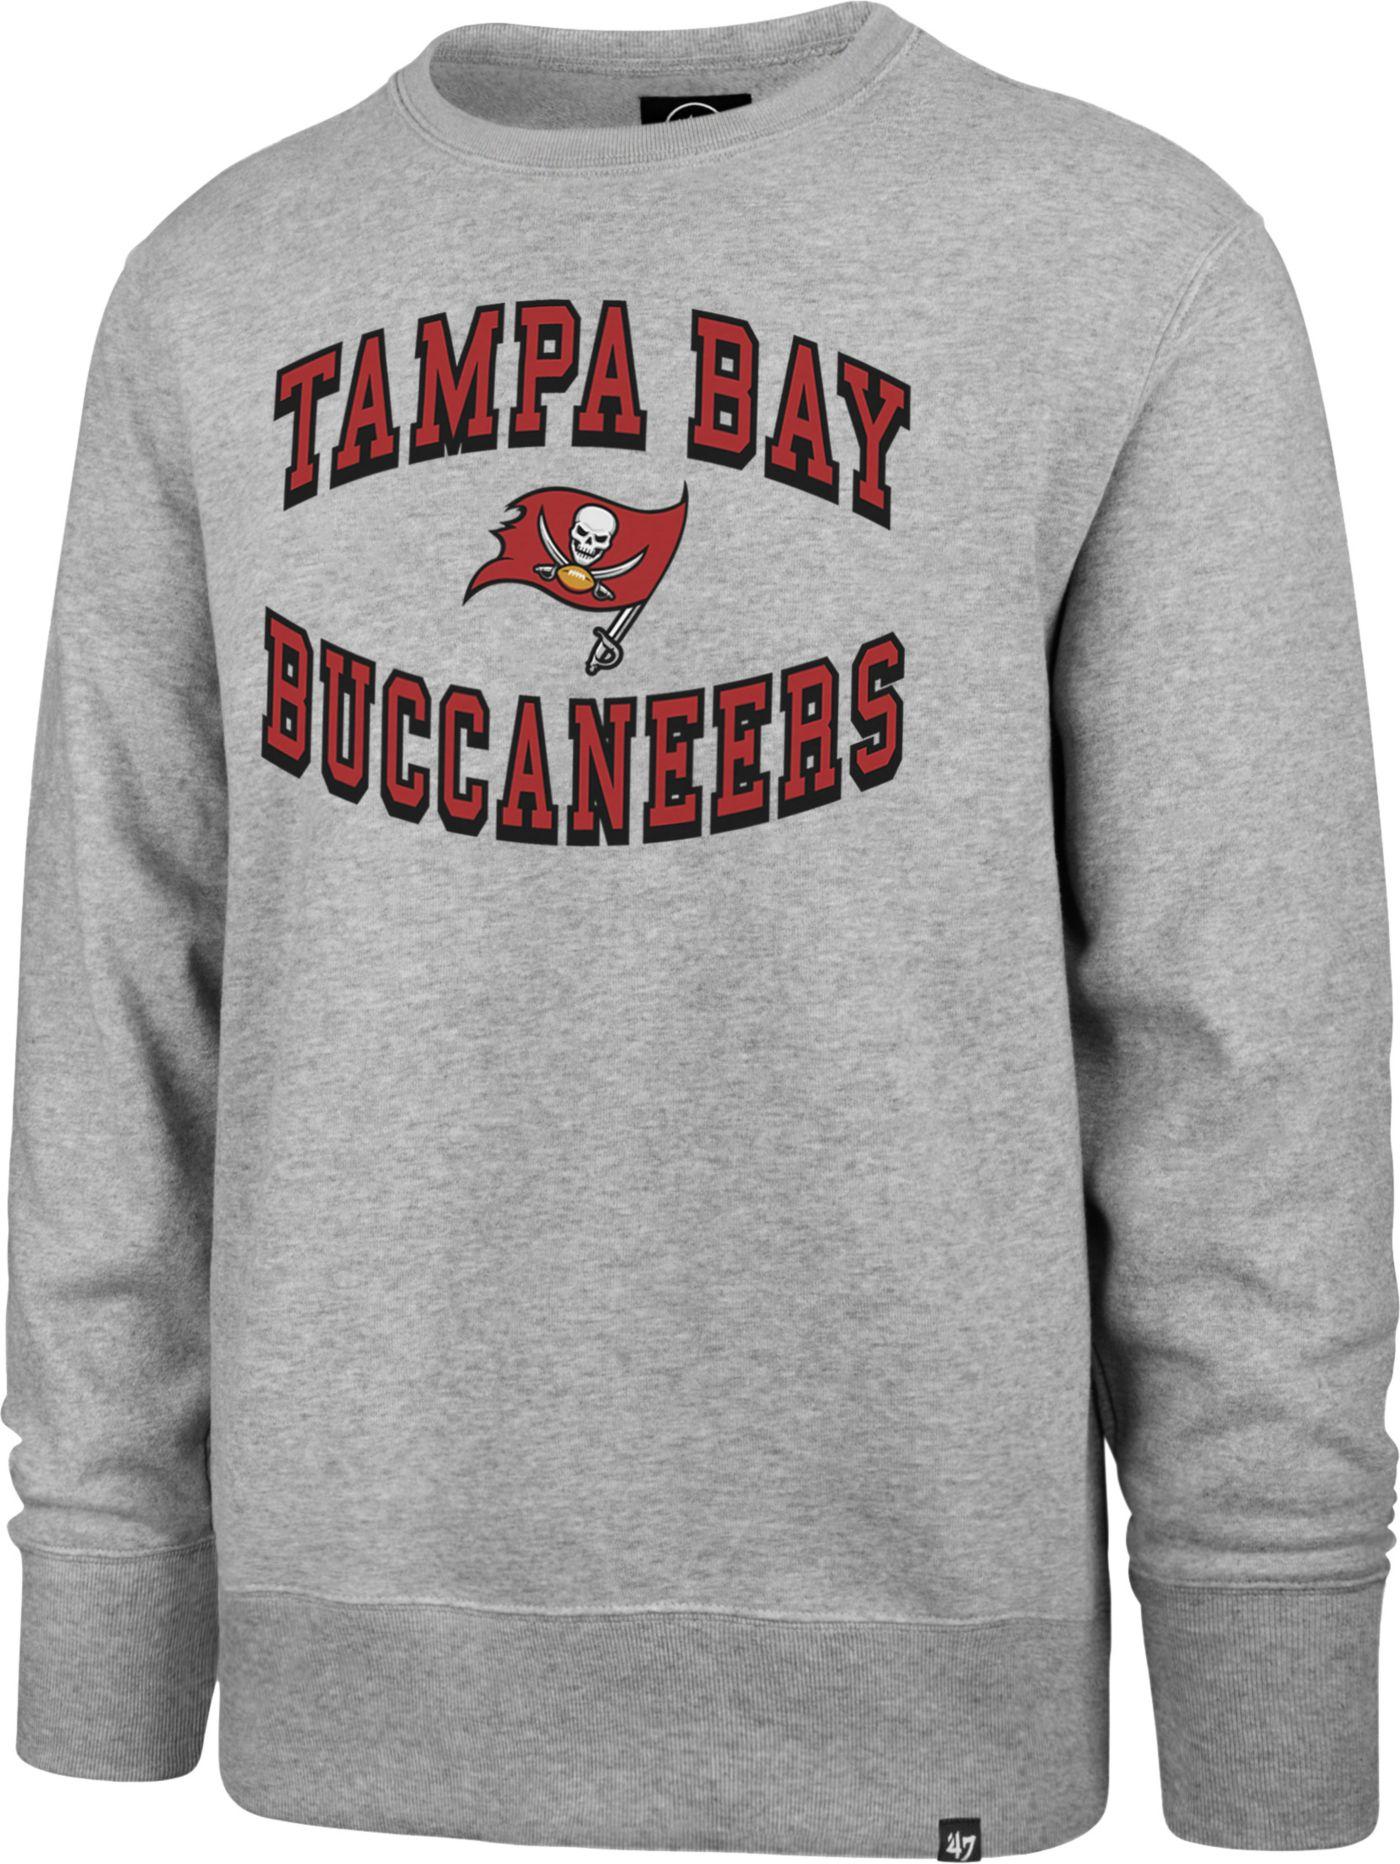 '47 Men's Tampa Bay Buccaneers Headline Grey Crew